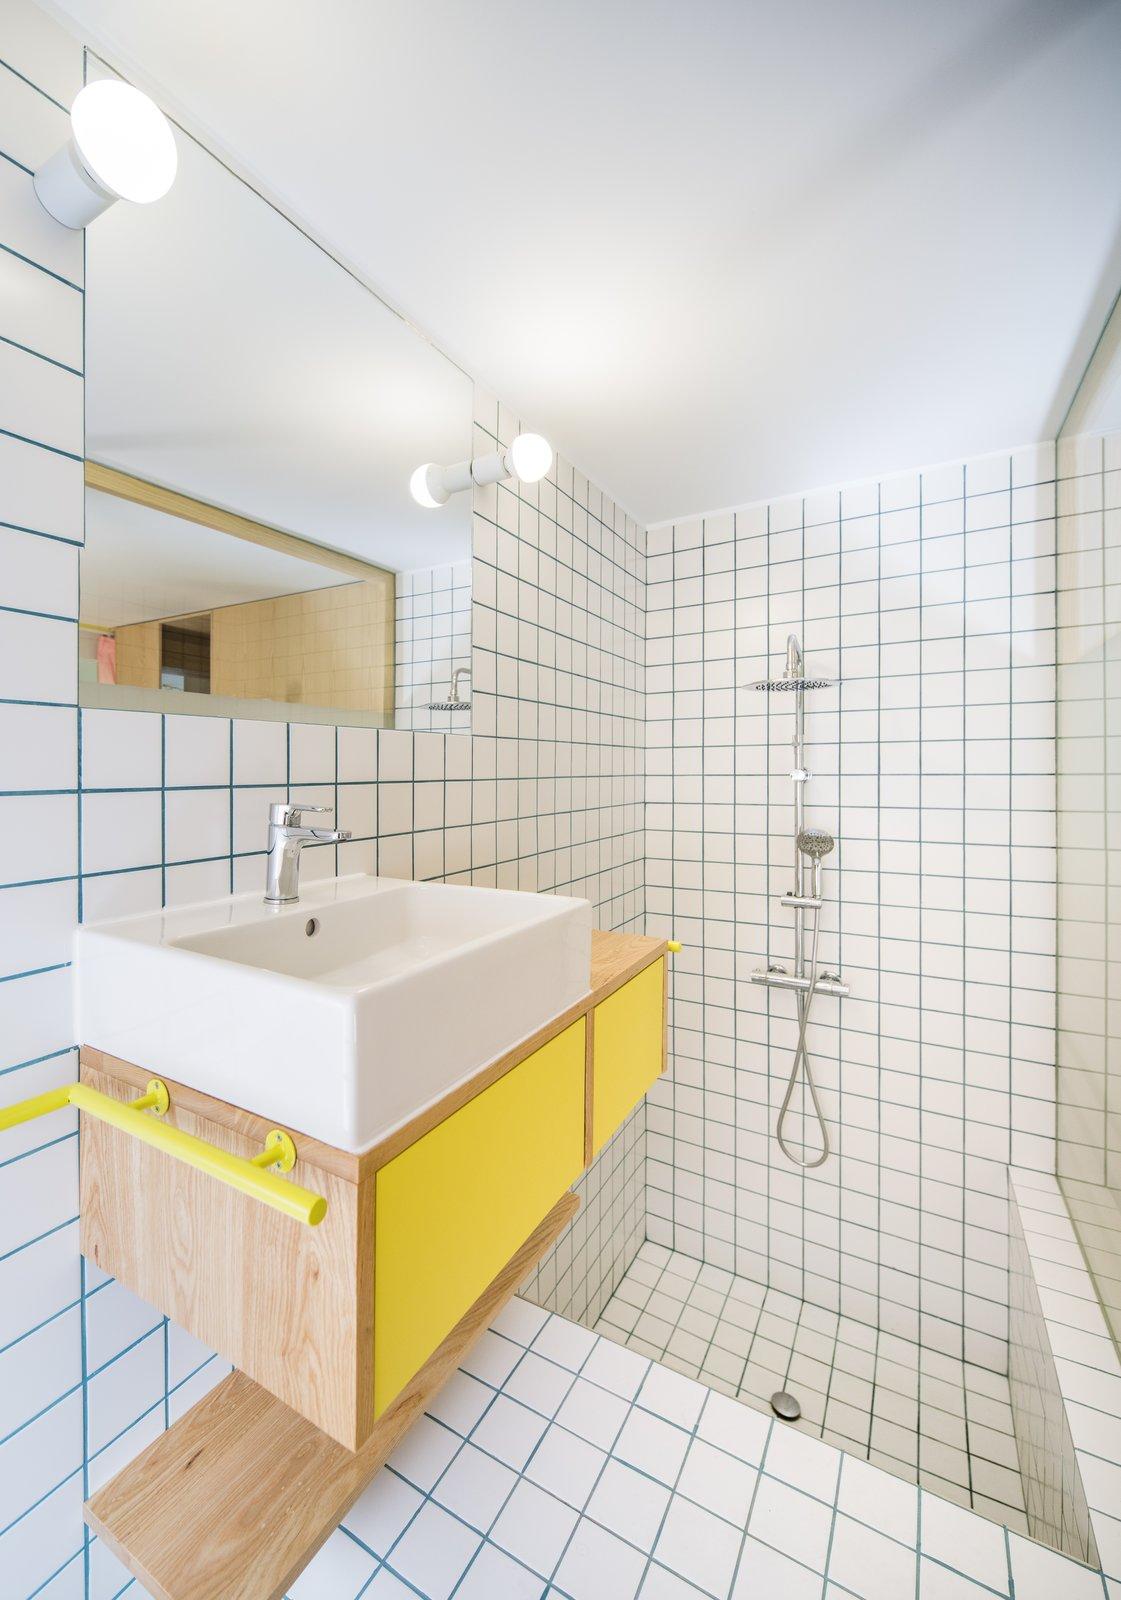 Yojigen Poketto bathroom